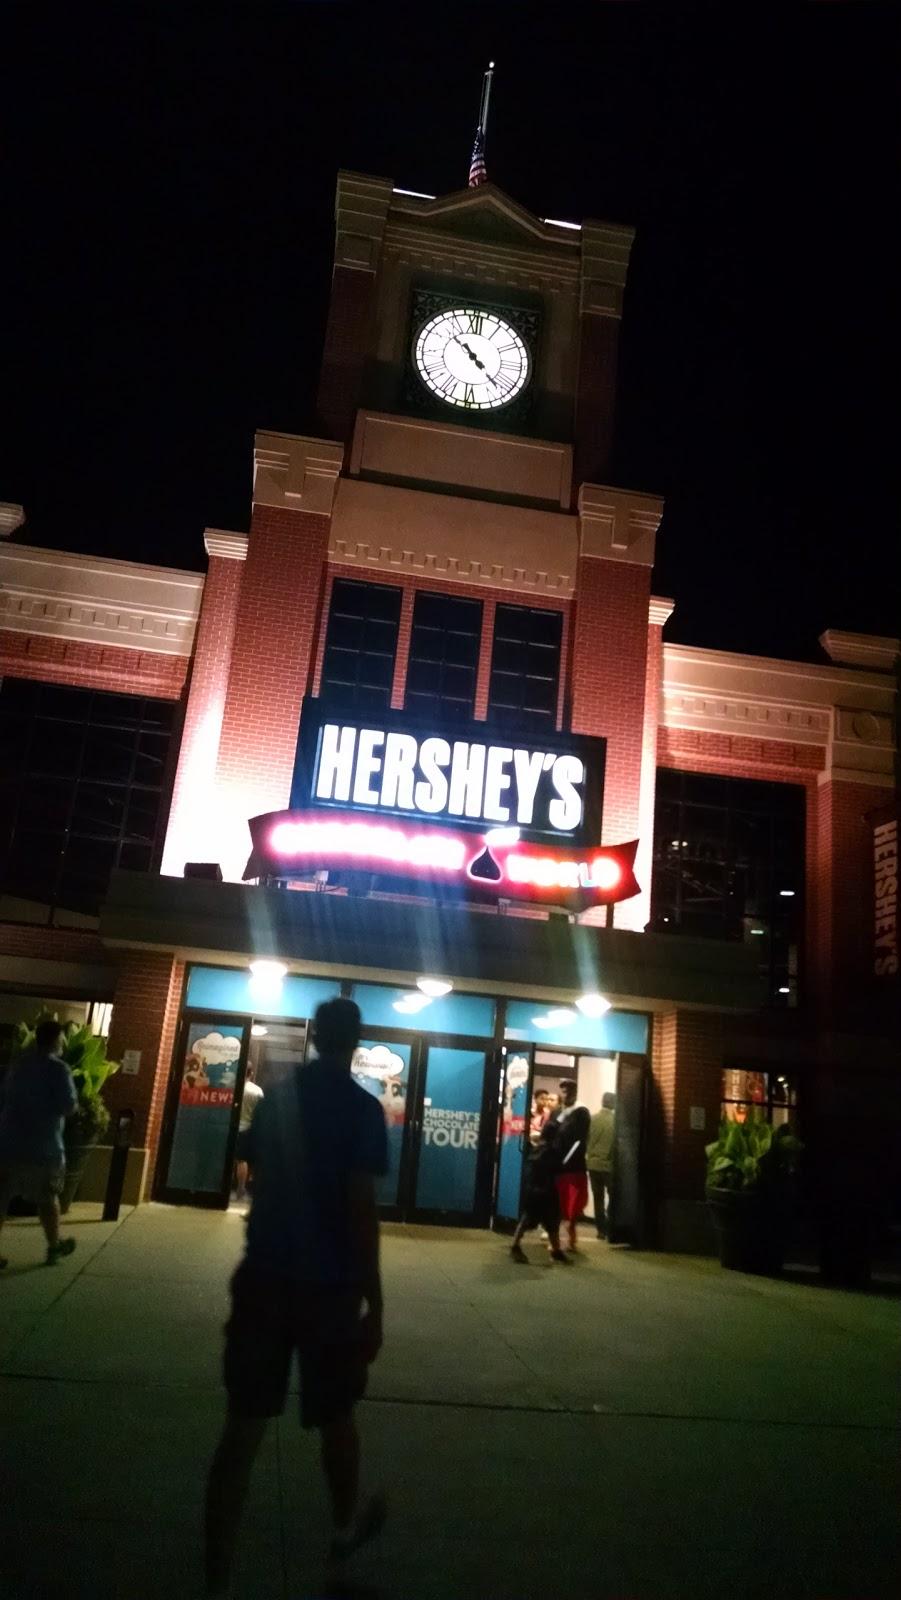 Hershey, PA: Hershey's Chocolate World - Free Tour - Explore This City